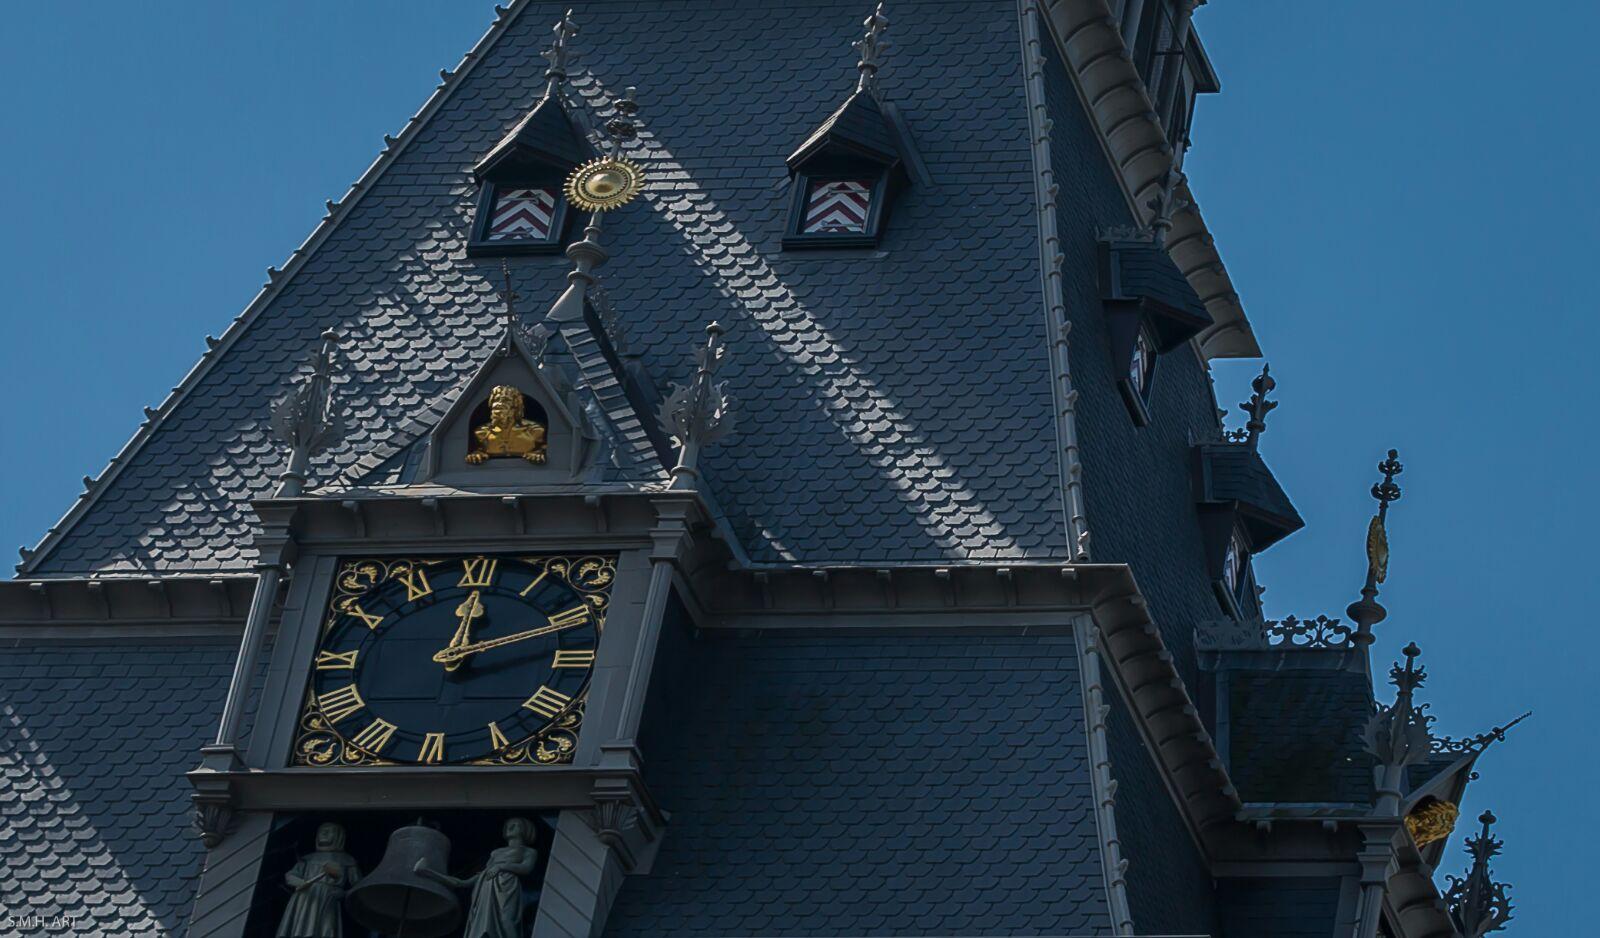 El reloj en Amsterdam marca hora distinta...